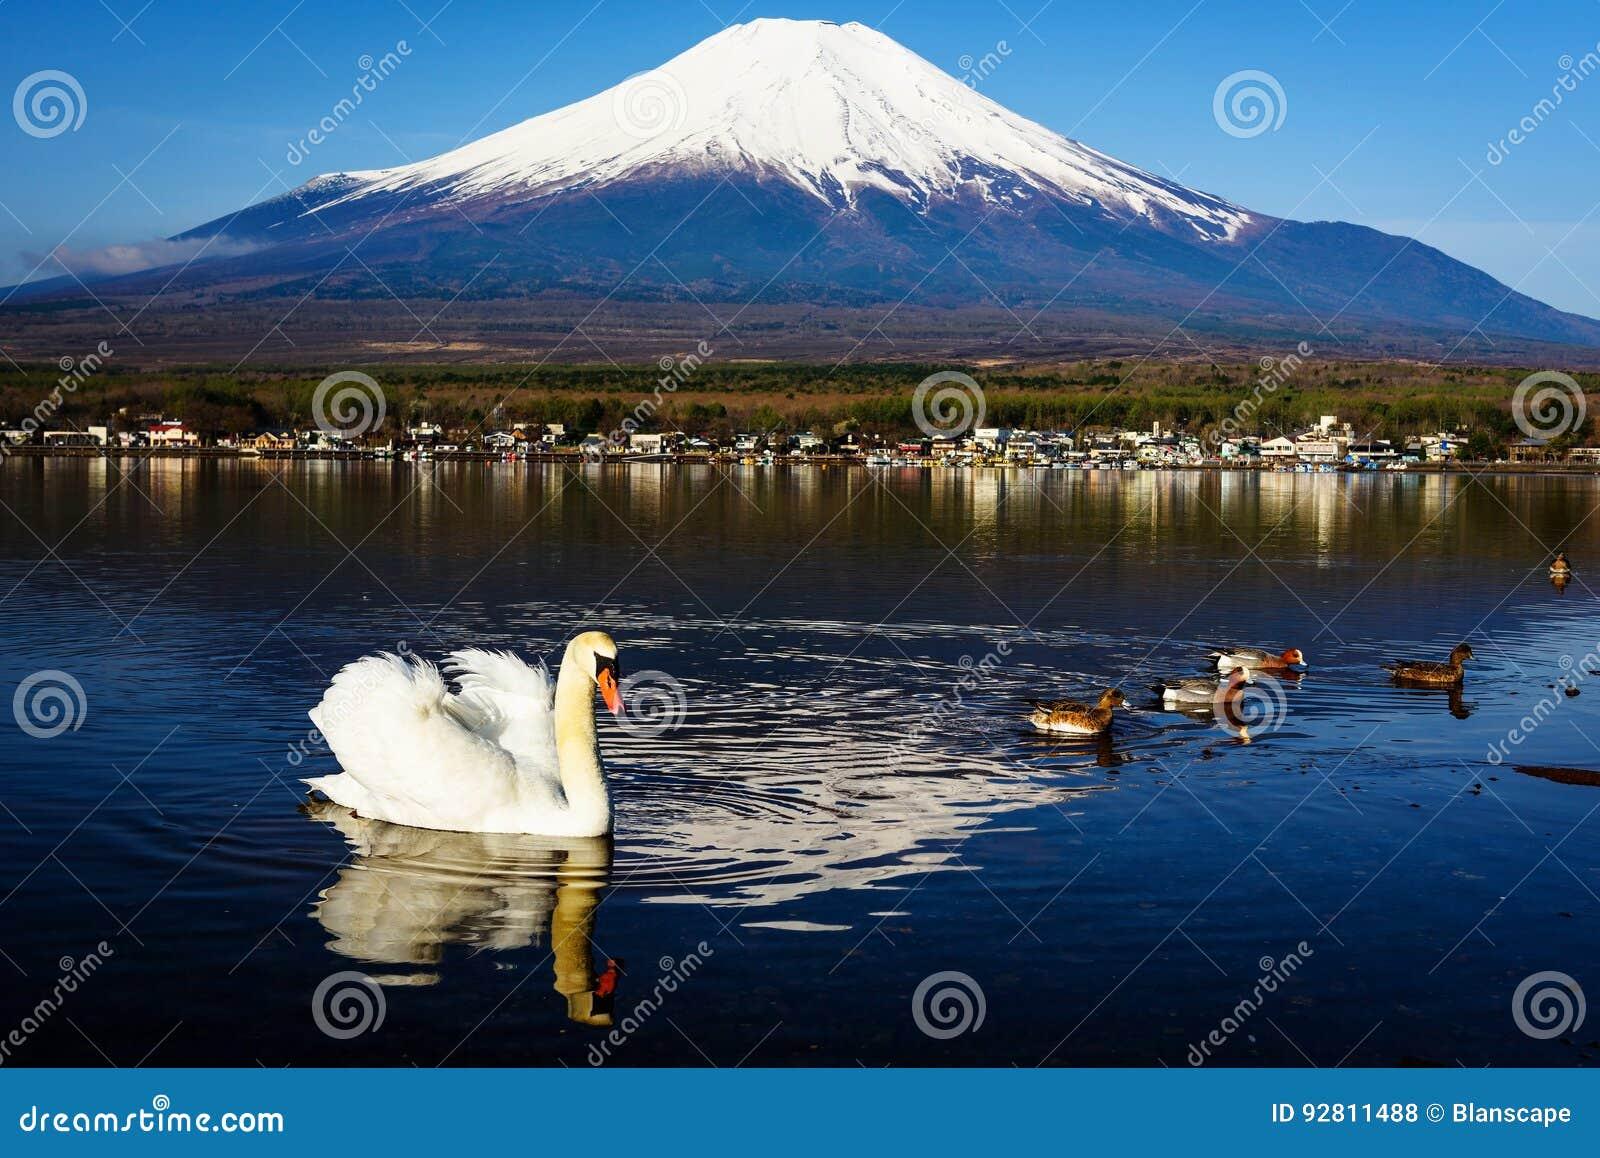 Cygne blanc flottant sur le lac yamanaka avec la vue du mont Fuji, Yamanashi, Japon